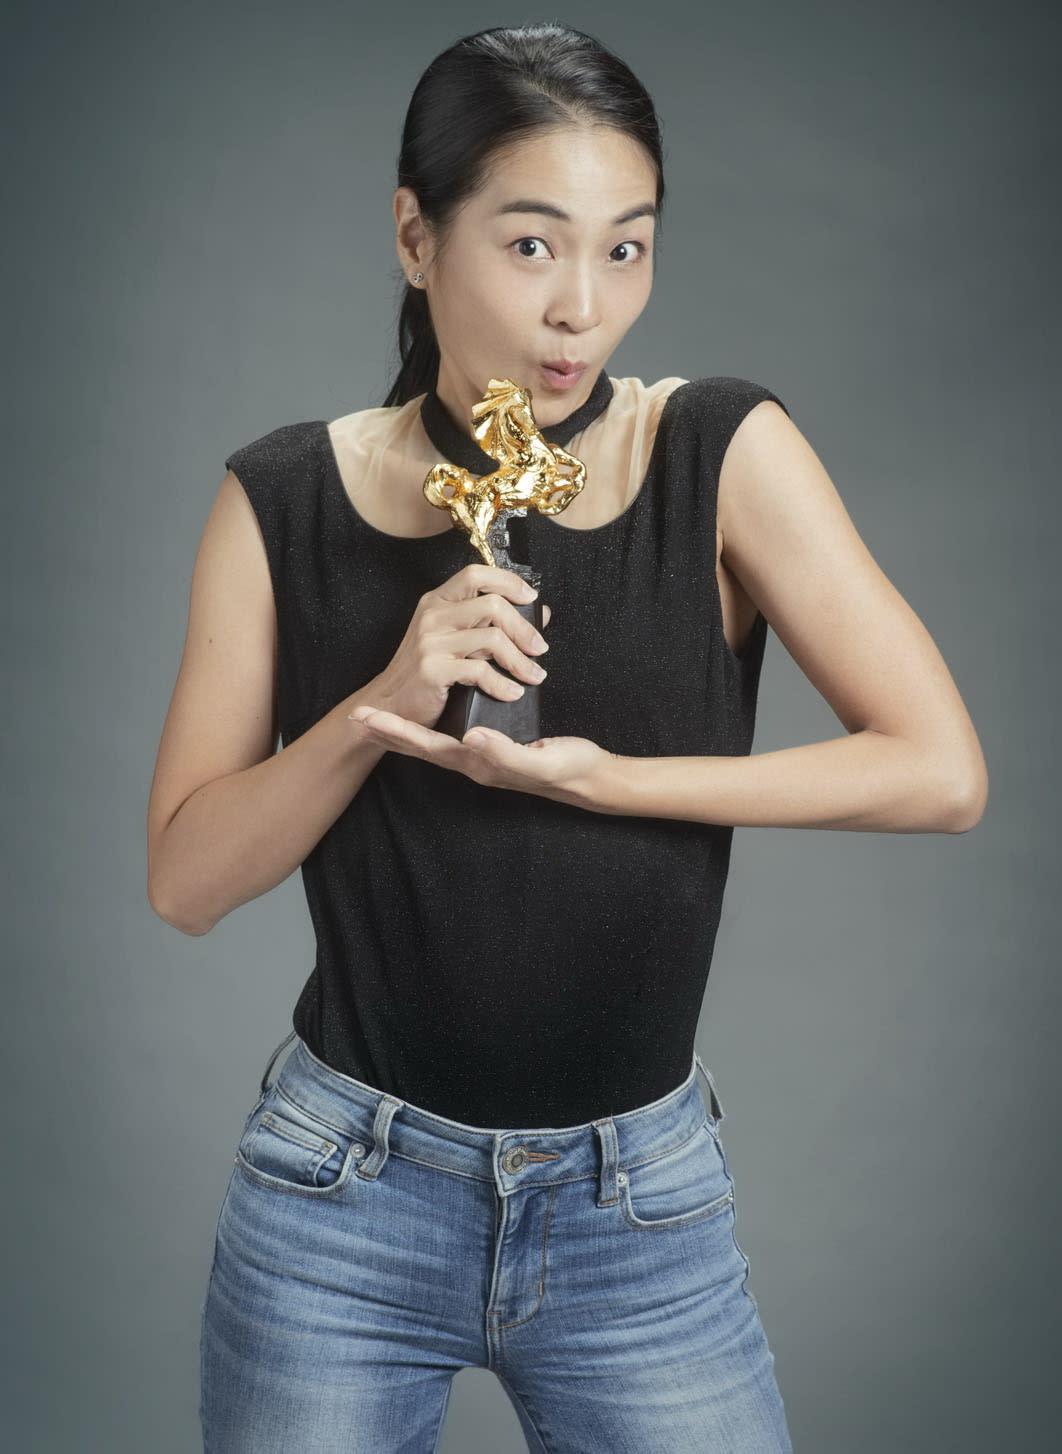 第56屆金馬獎最佳新導演入圍者:《波羅蜜》陳雪甄